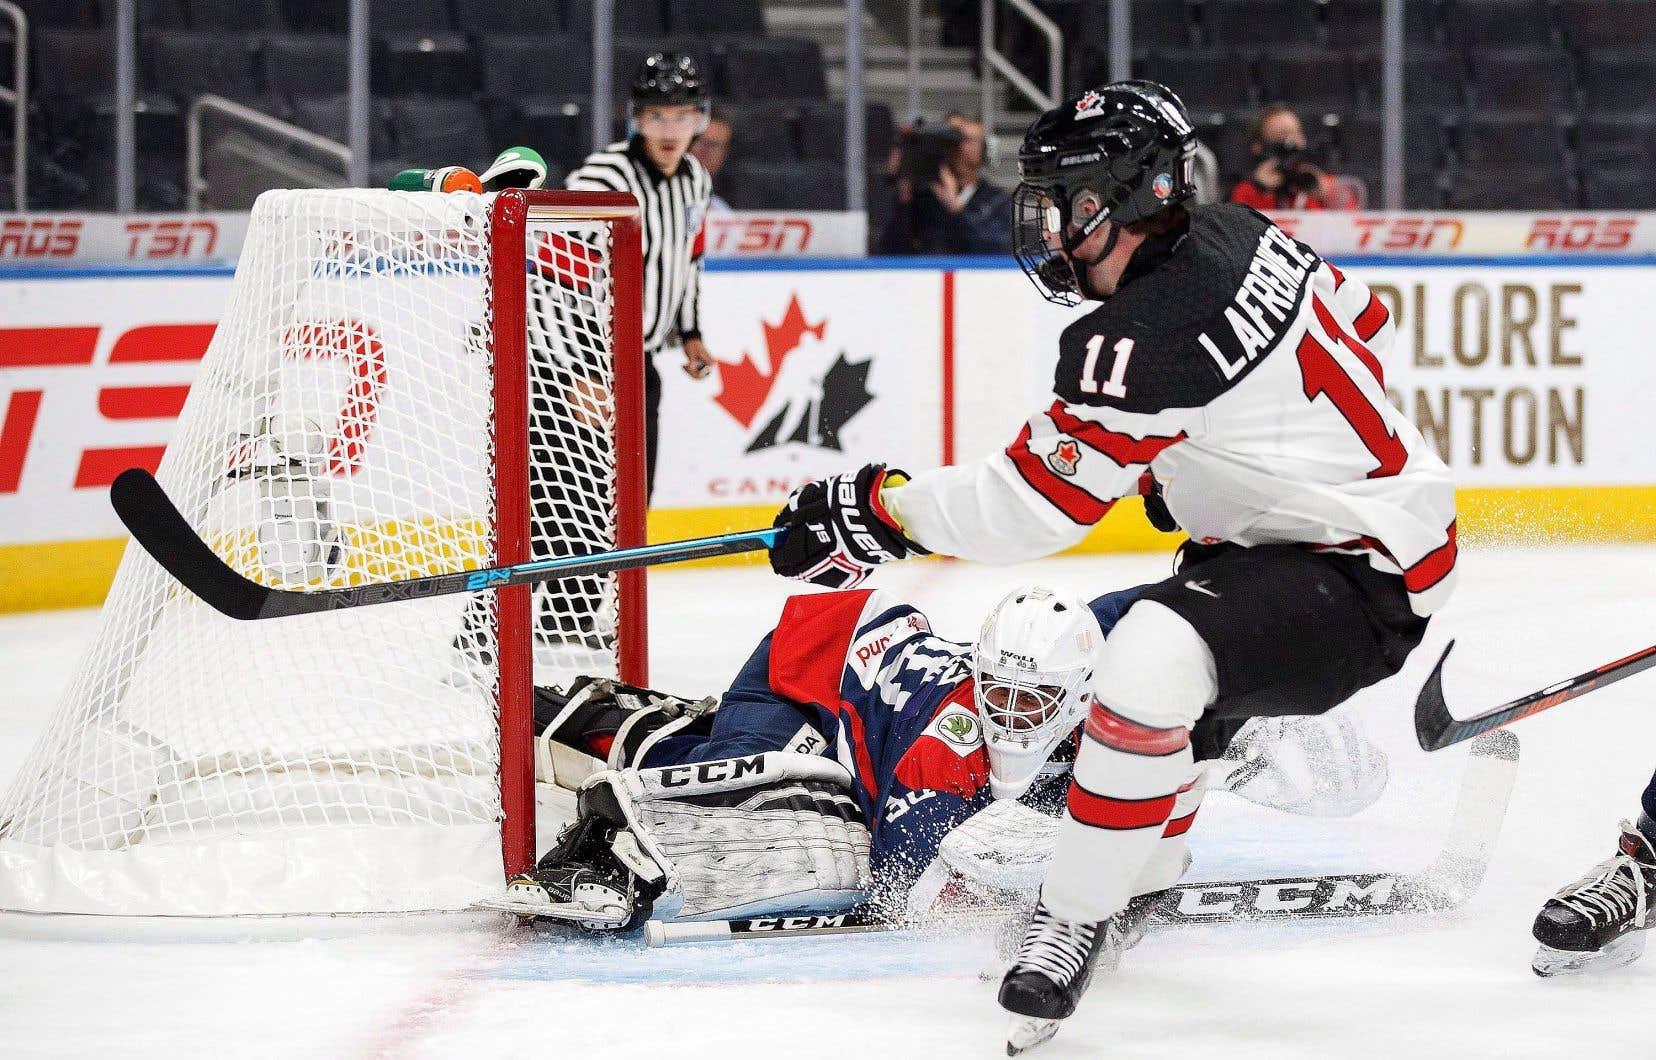 Originaire de Saint-Eustache, Alexis Lafrenière s'était notamment illustré l'an dernier à la Coupe Hlinka-Gretzky, disputé à Edmonton.